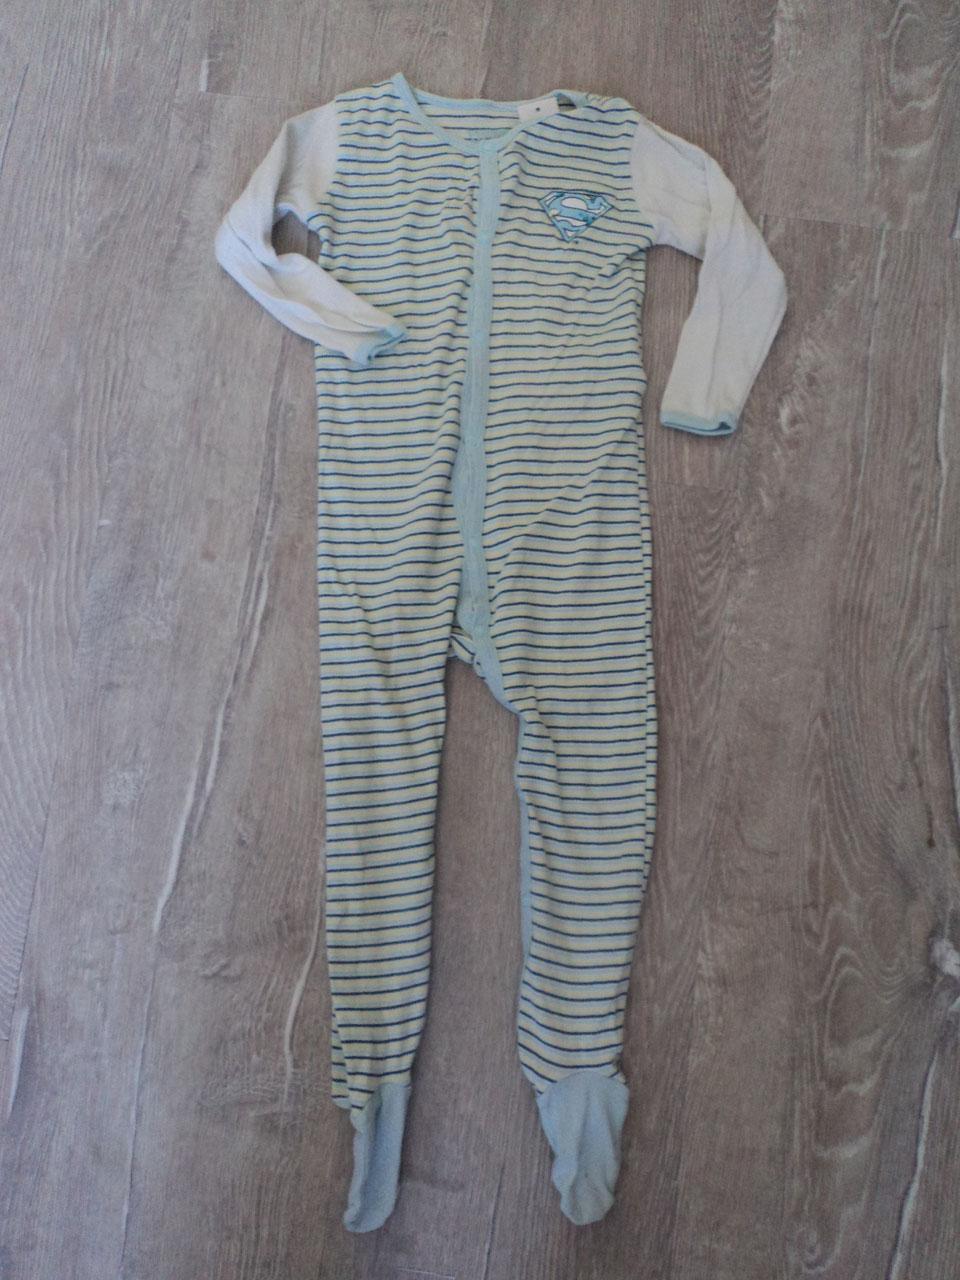 5e3e402de28838 Marken Baby Schlafsäcke und Kinder Bettwäsche - der-kleine-filou